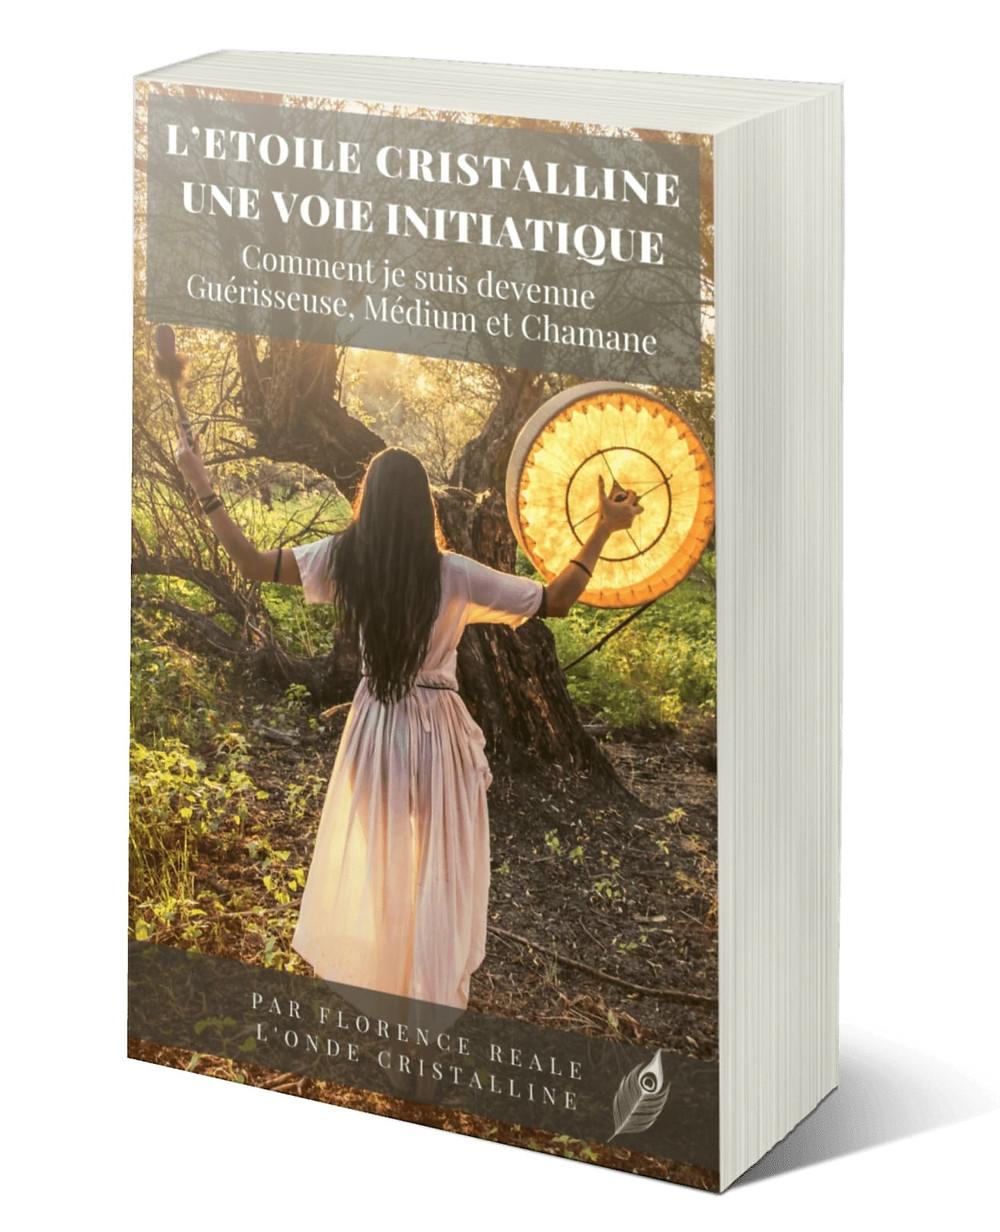 LIVRE CHAMANISME : l'Etoile Cristalline, une voie initiatique par Florence Réale